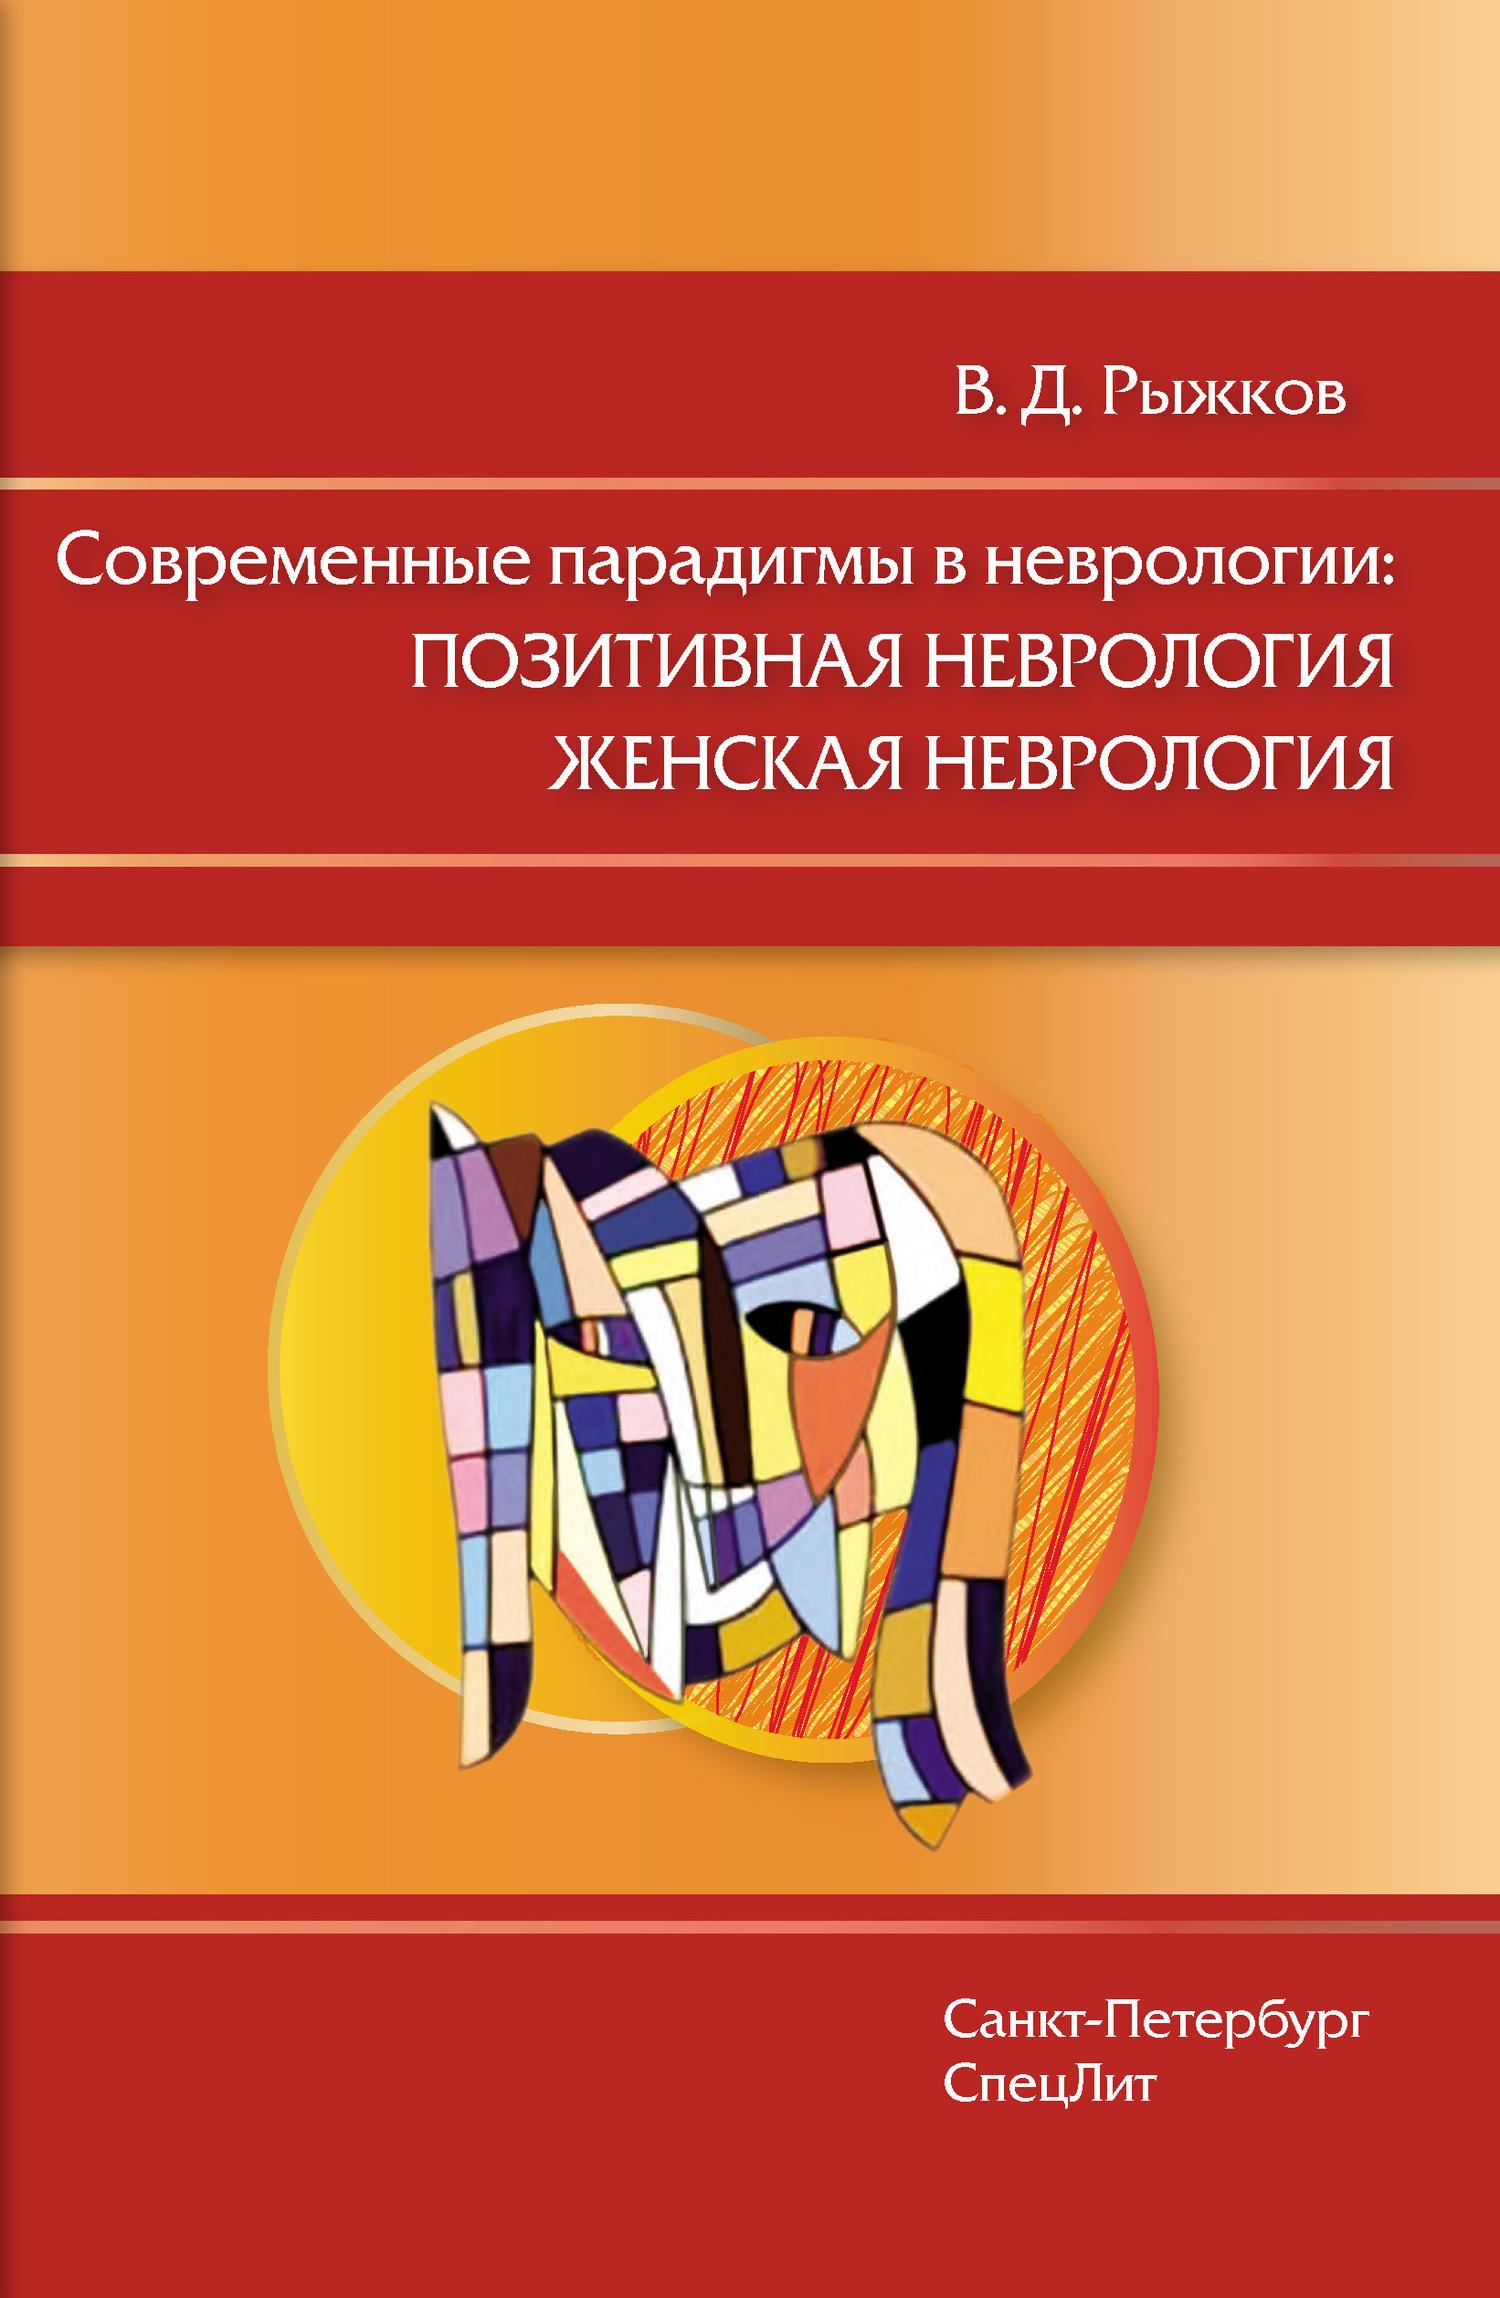 В. Д. Рыжков Современные парадигмы в неврологии: Позитивная неврология. Женская неврология в д рыжков современная парадигма в медицине позитивная неврология